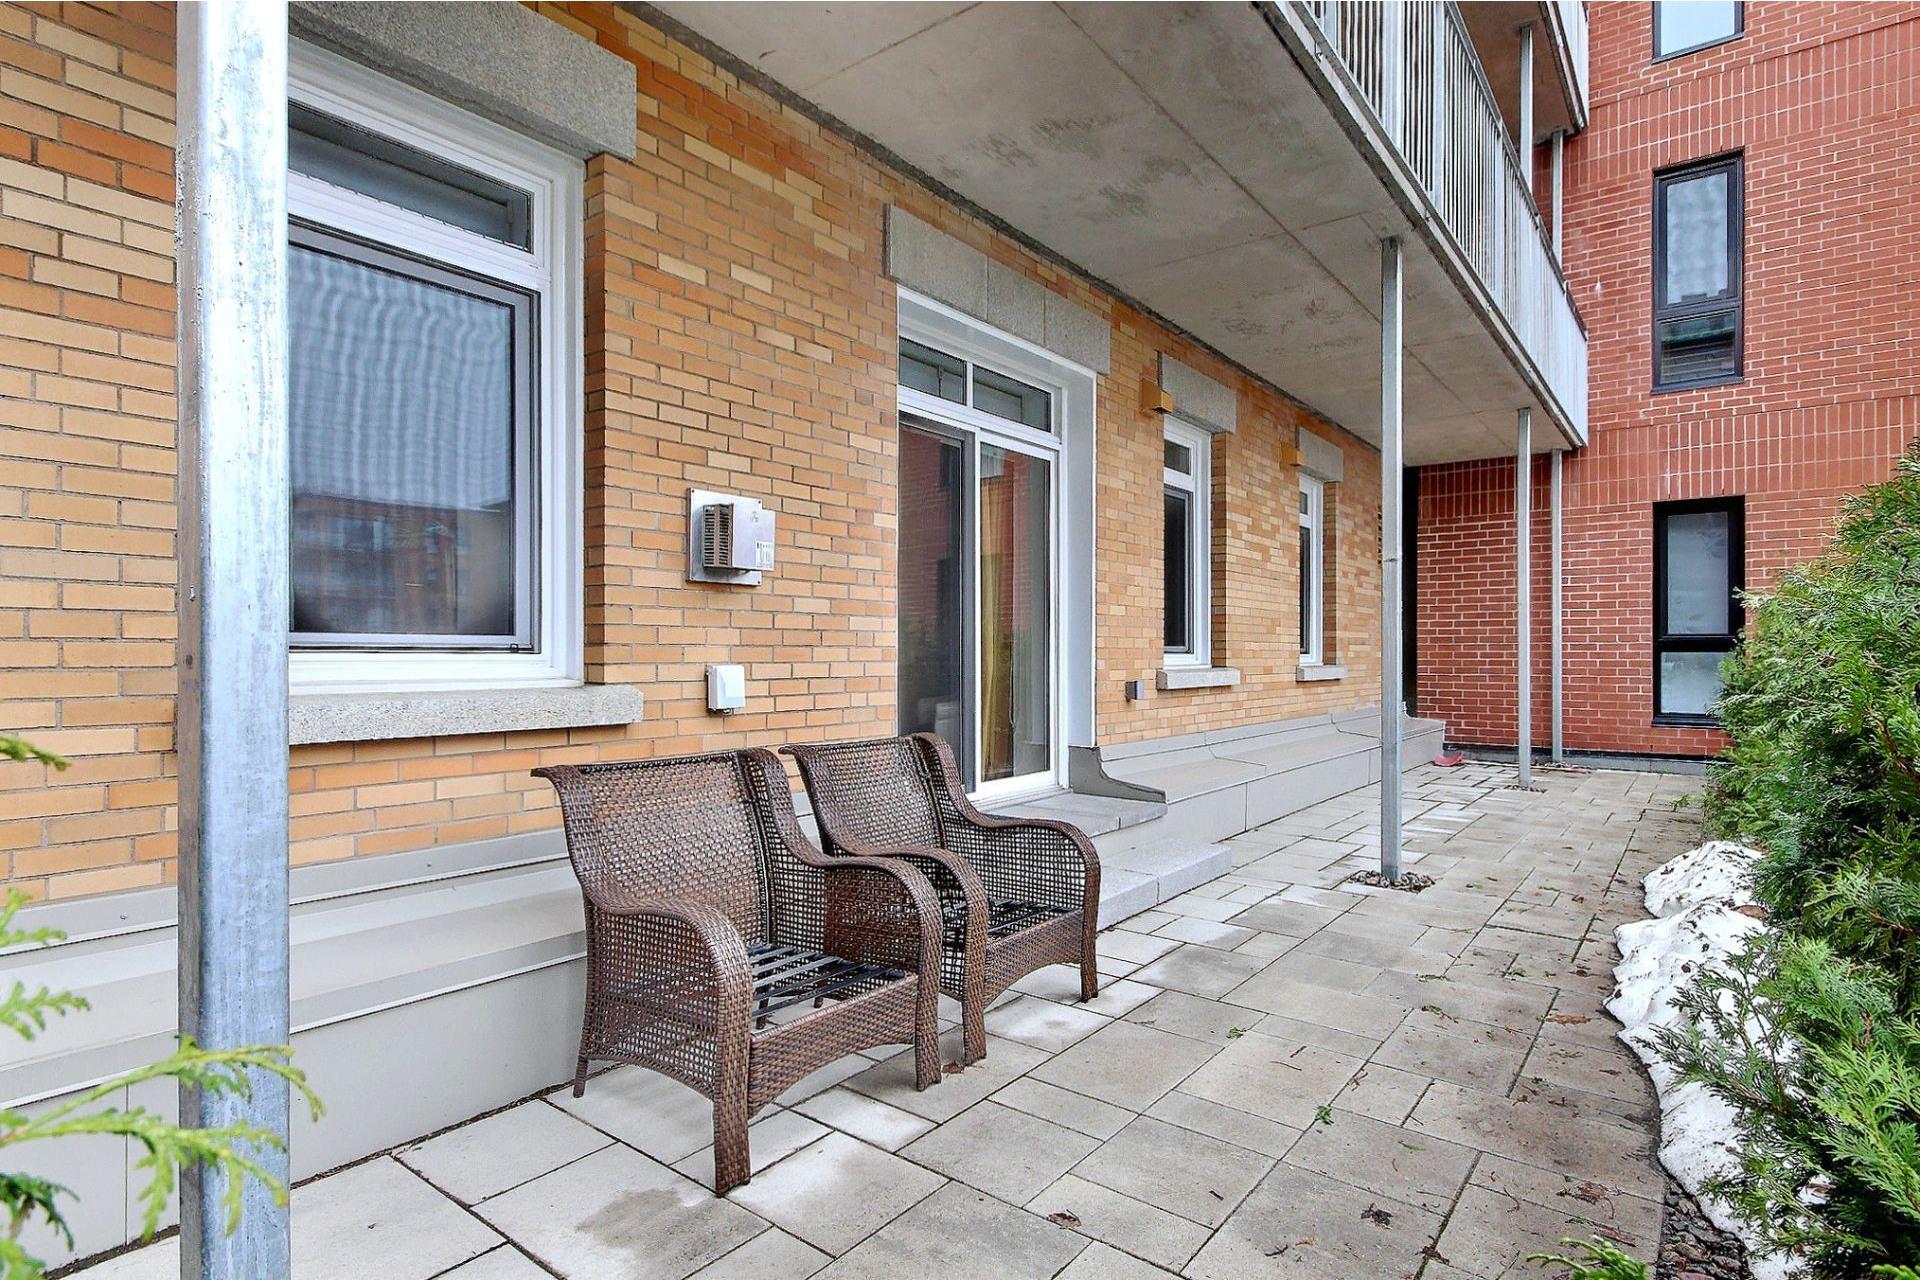 image 20 - Appartement À vendre Sainte-Foy/Sillery/Cap-Rouge Québec  - 7 pièces